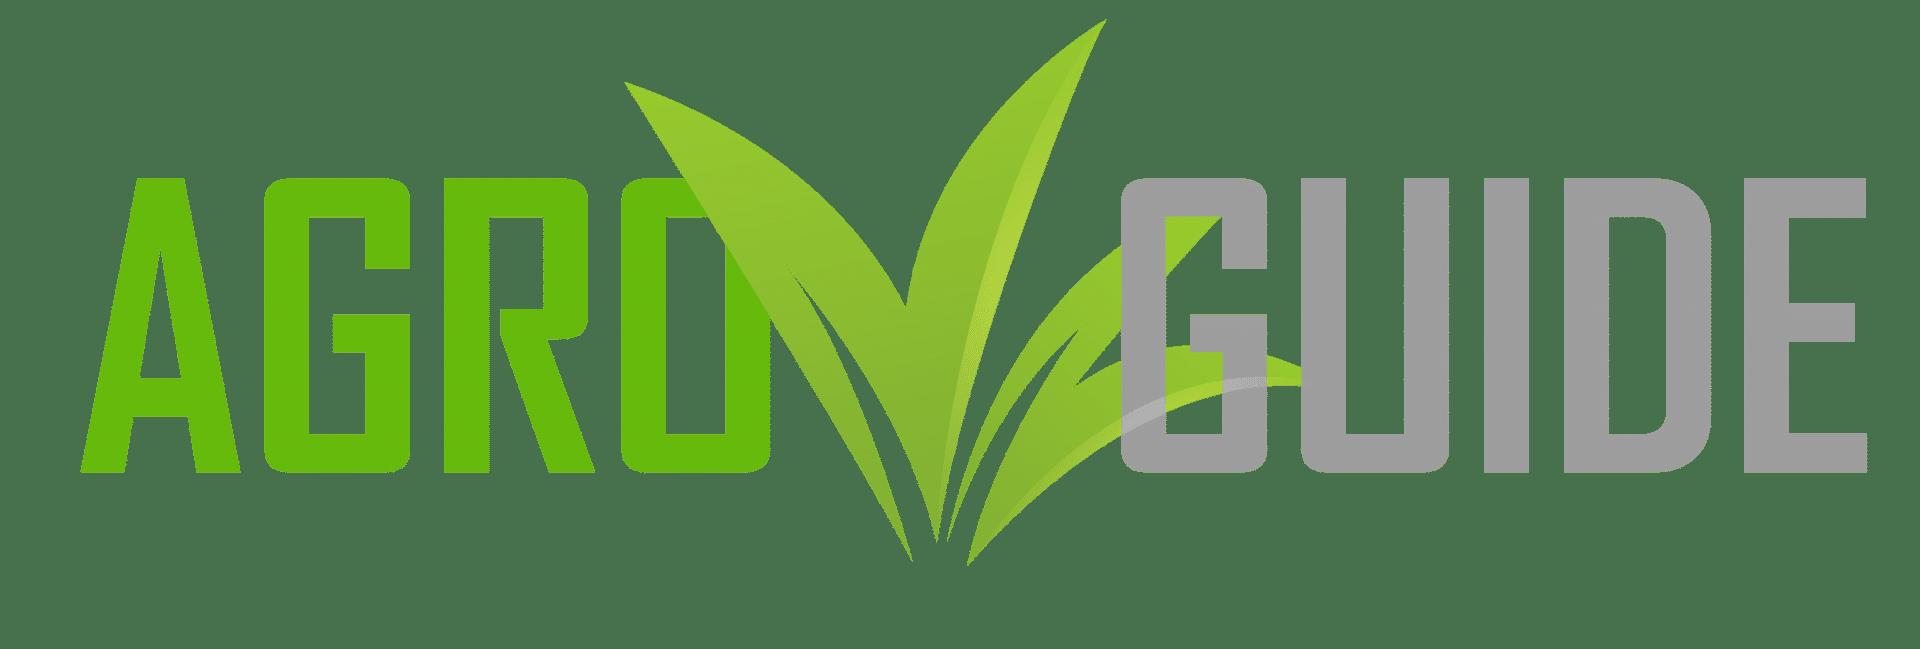 AgroGuide - твій Агро гід у світі новин